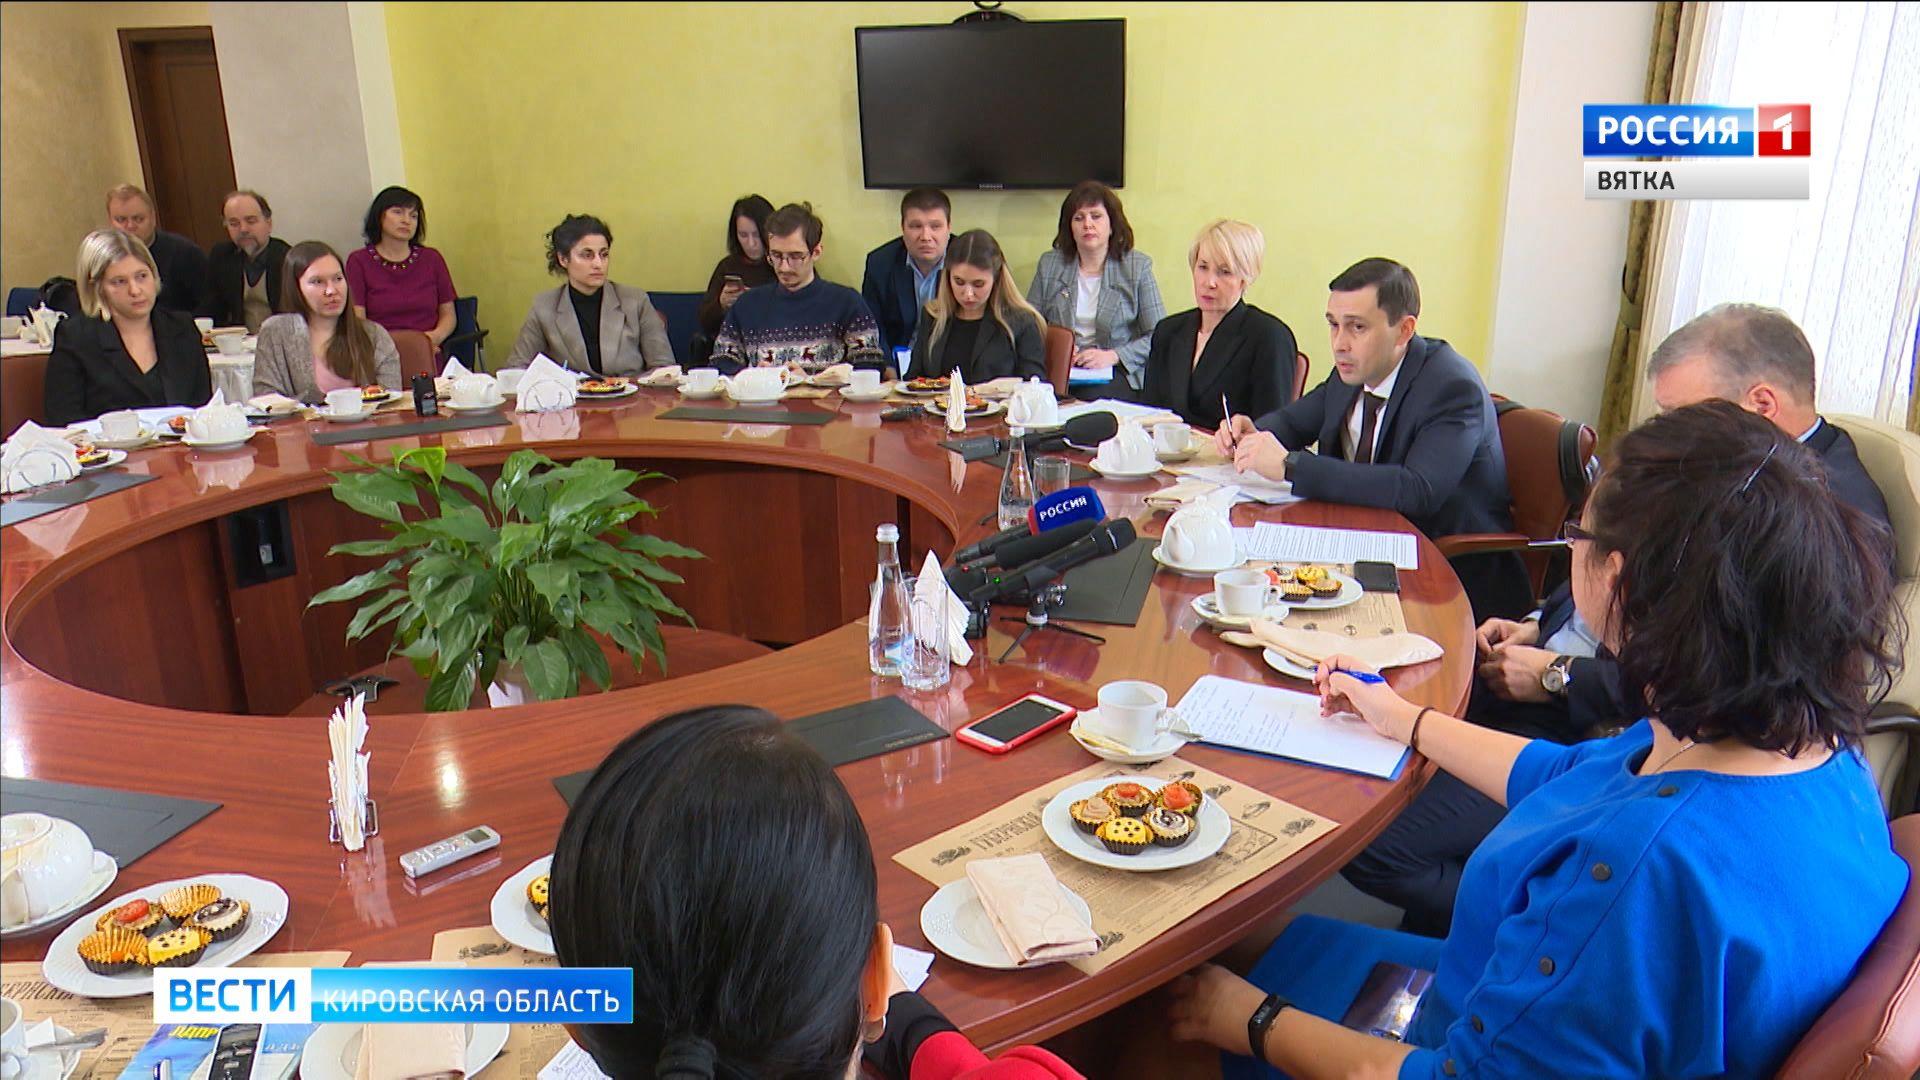 На встрече с журналистами Игорь Васильев обсудил тему развития образования в регионе